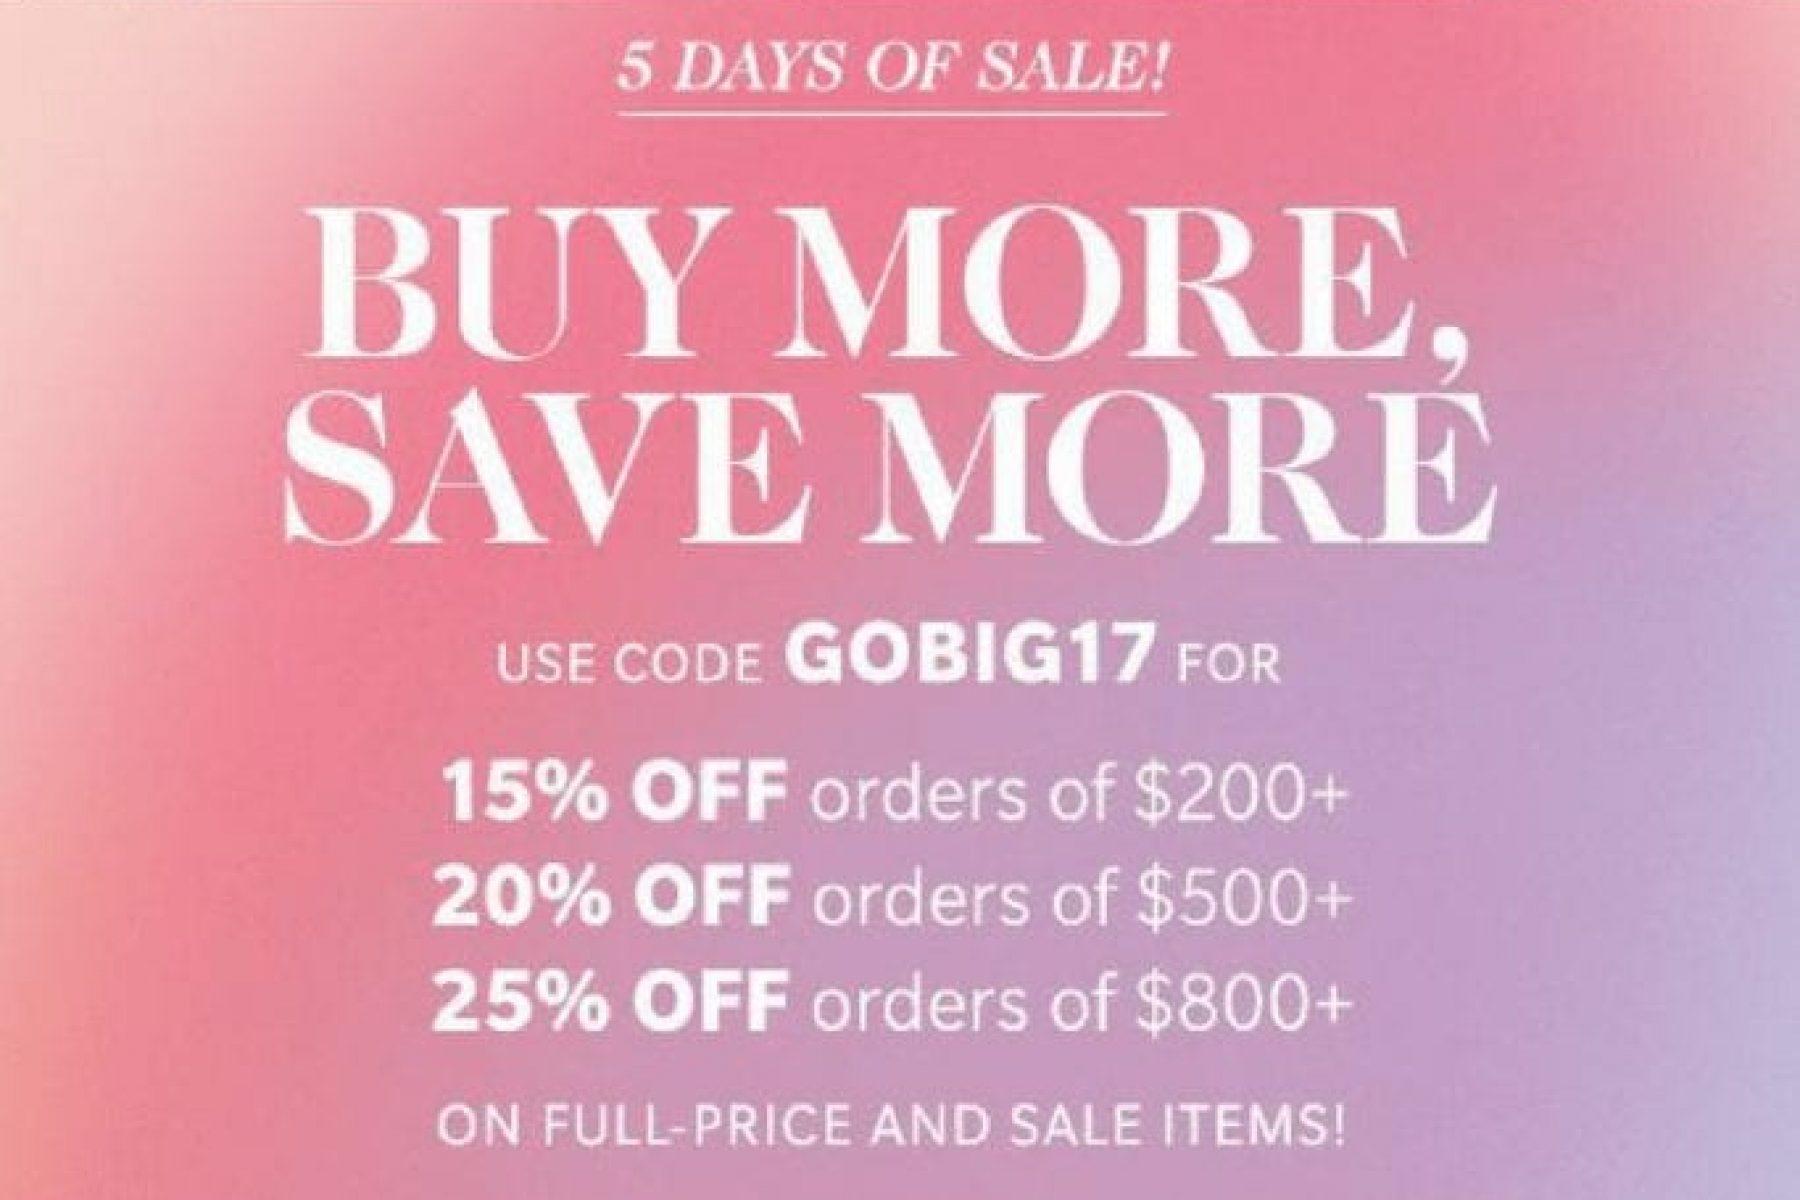 Buy More, Save More- Shopbop Sale